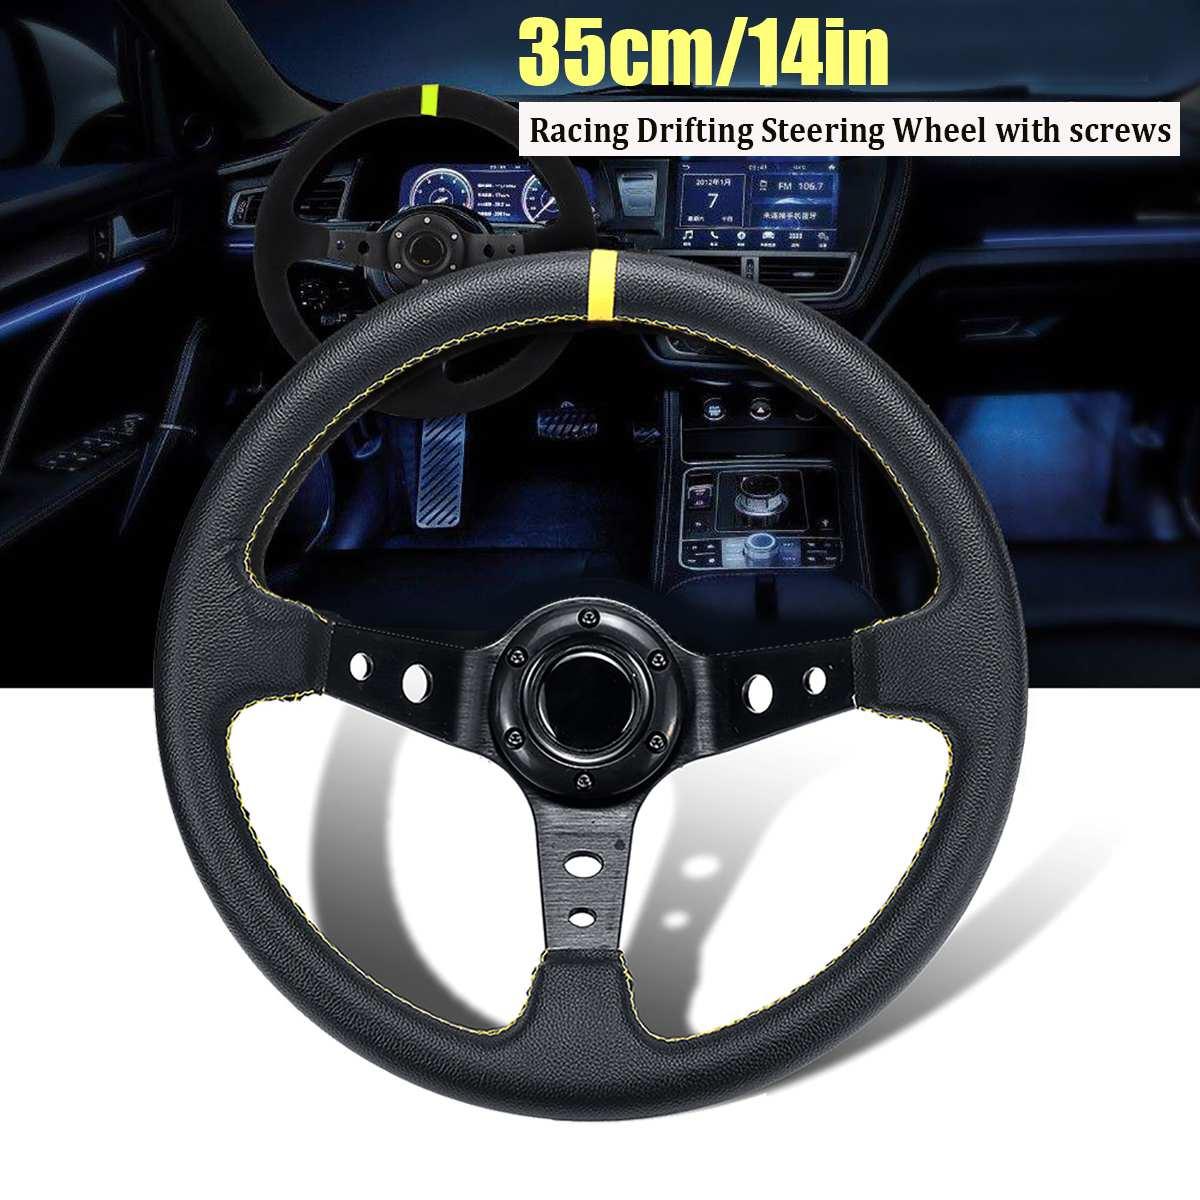 14 بوصة 350 مللي متر طبق عميق الانجراف عجلة القيادة العالمي الجلود الألومنيوم سيارة سباق السيارات الرياضة عجلة القيادة اكسسوارات